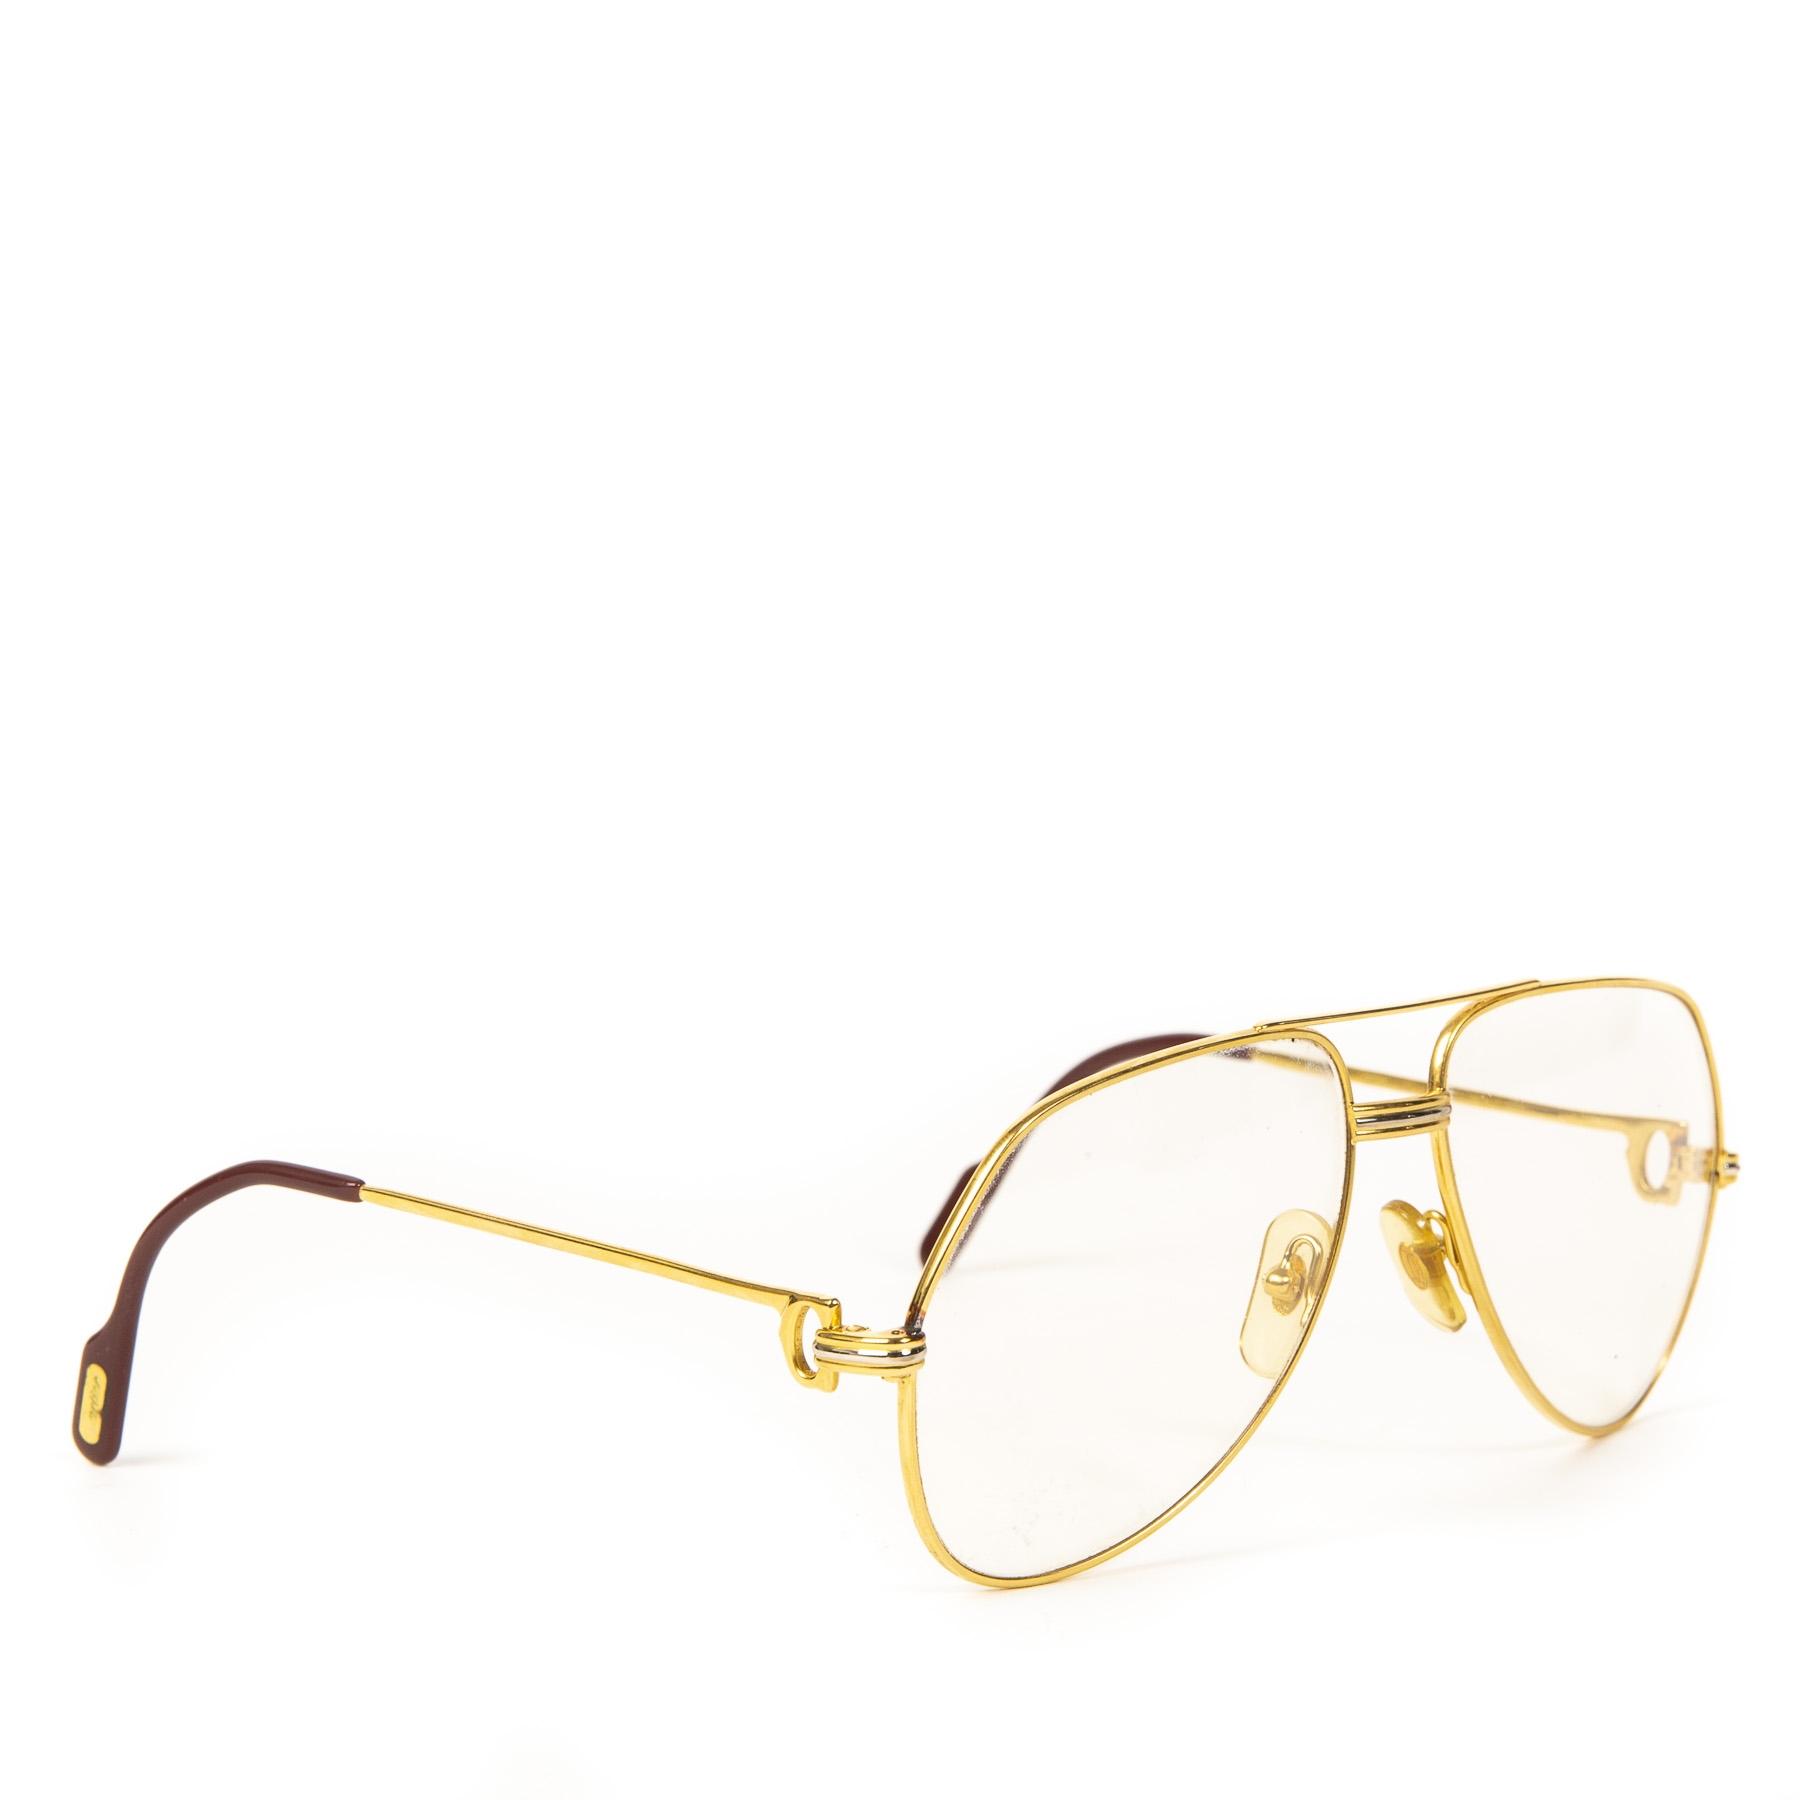 Authentieke Tweedehands Cartier Gold Tank Aviator Sunglasses juiste prijs veilig online shoppen luxe merken webshop winkelen Antwerpen België mode fashion